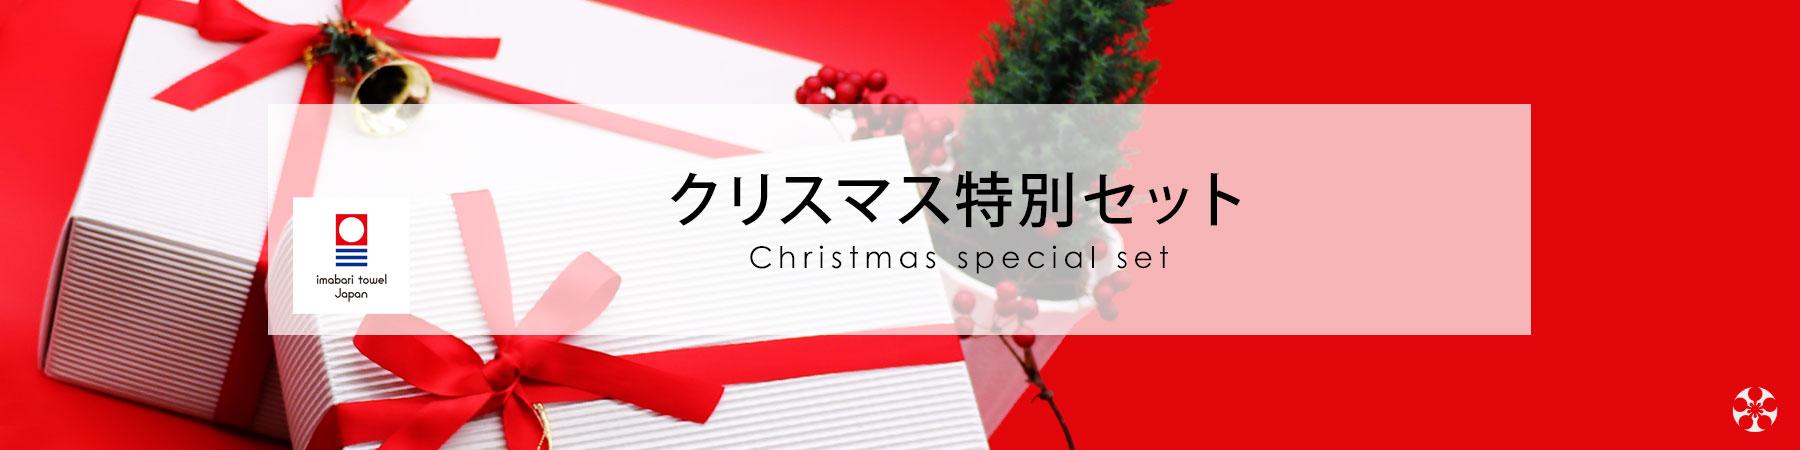 バナー ボーテ クリスマス特別セット